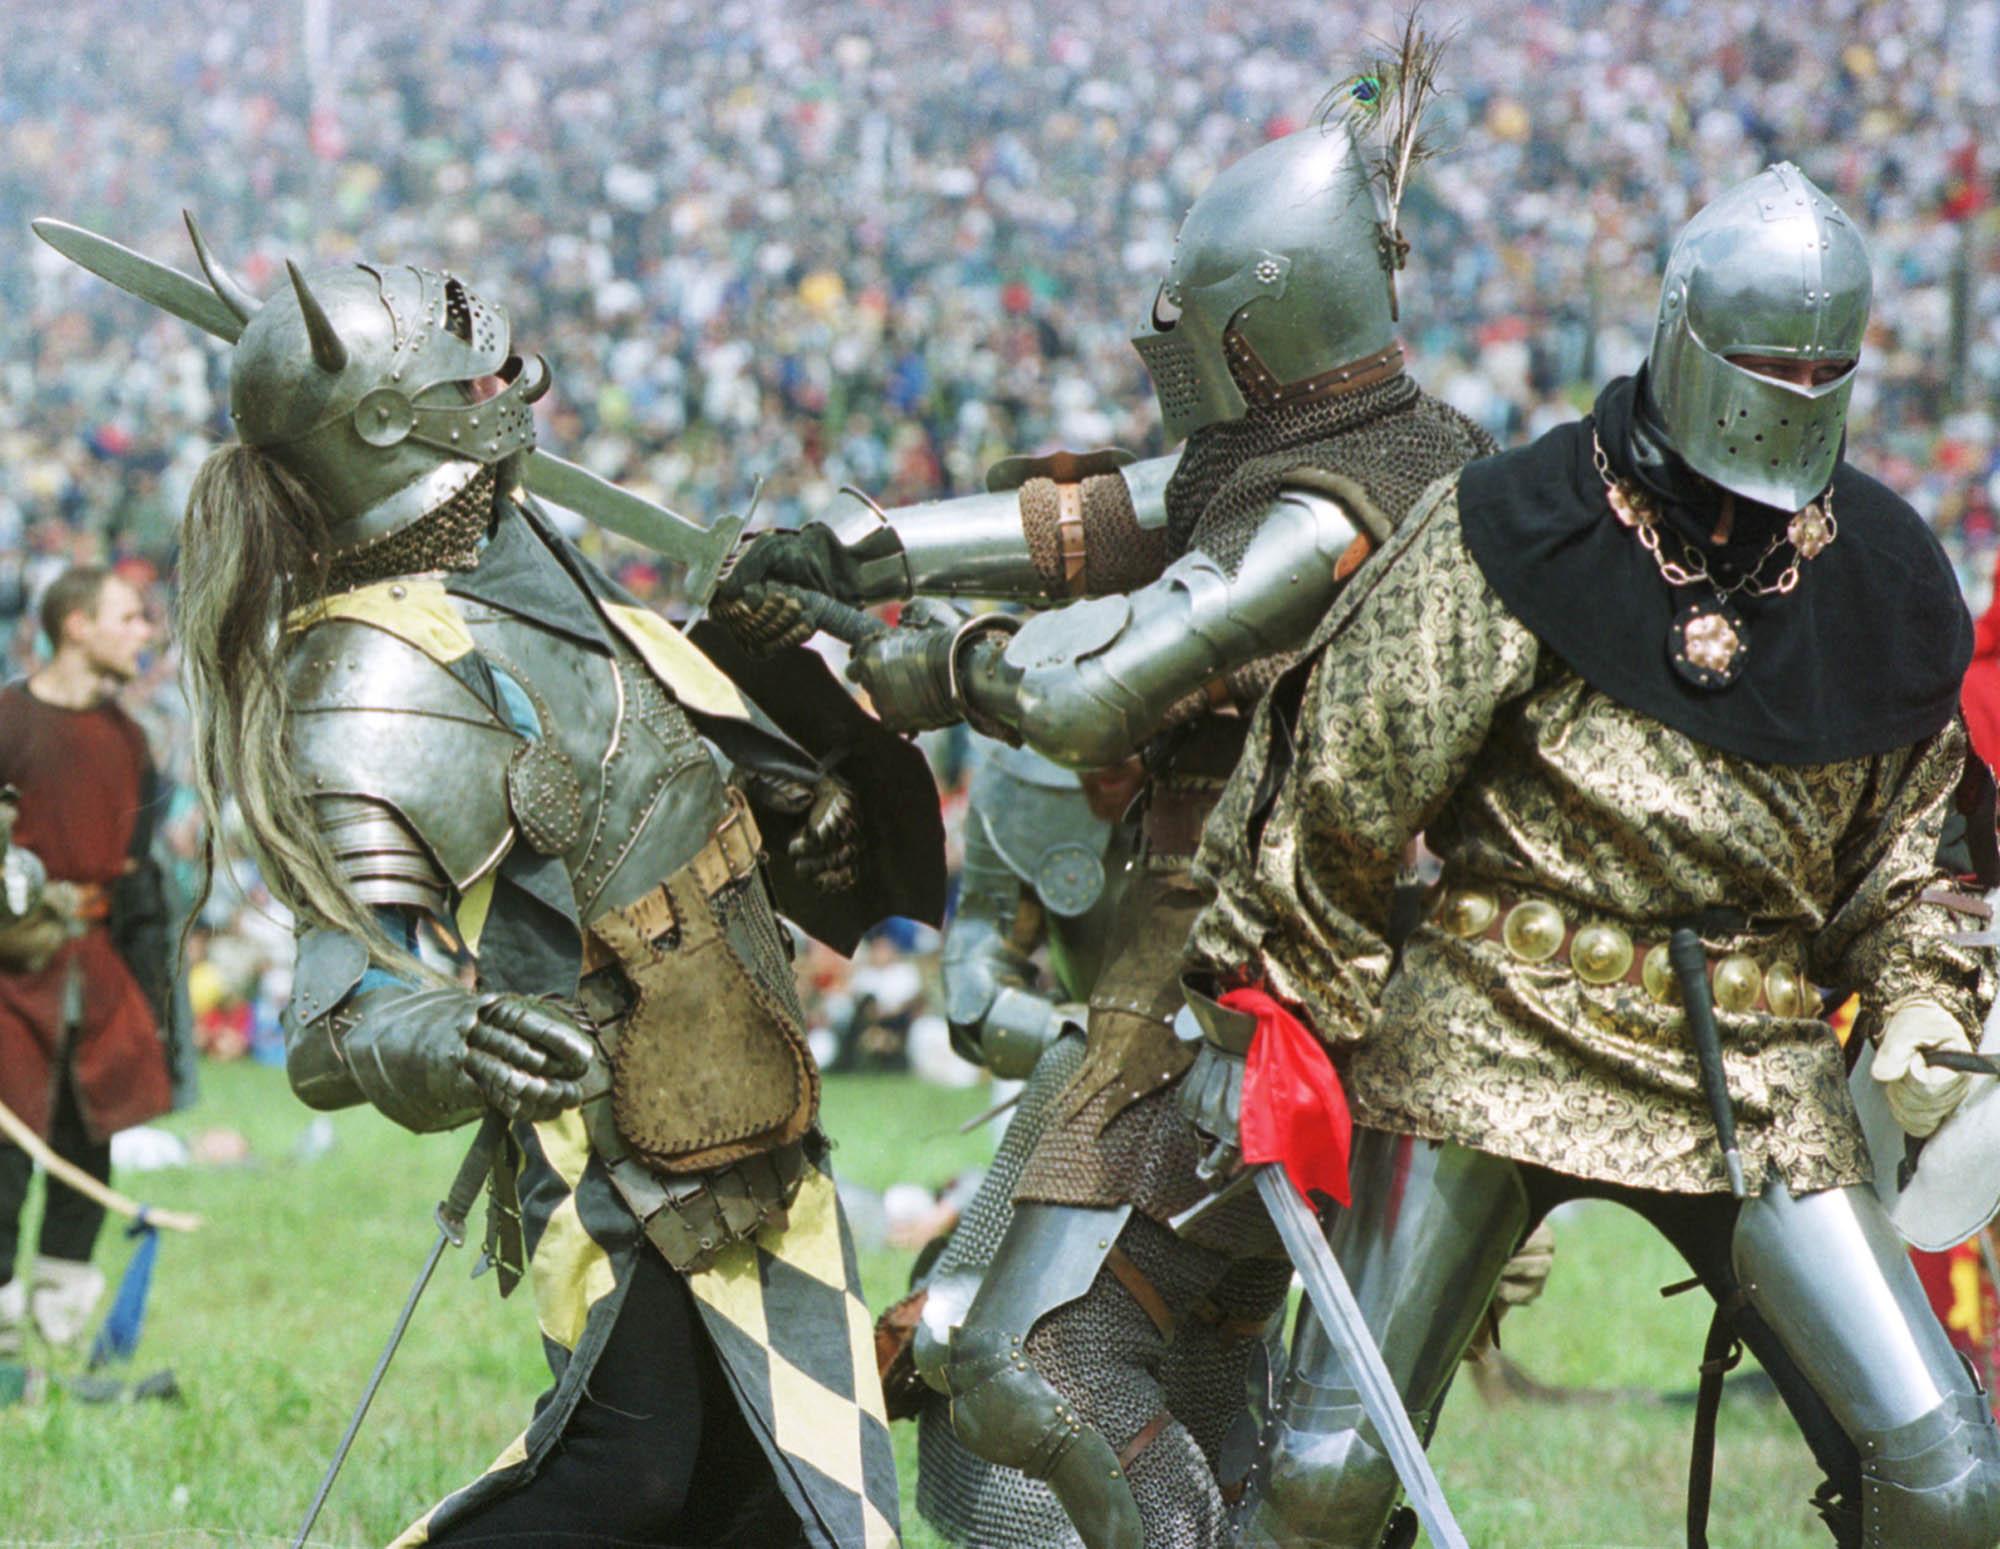 La historia nórdica y el combate medieval irrumpen con la Asociación Bohurt Miranda